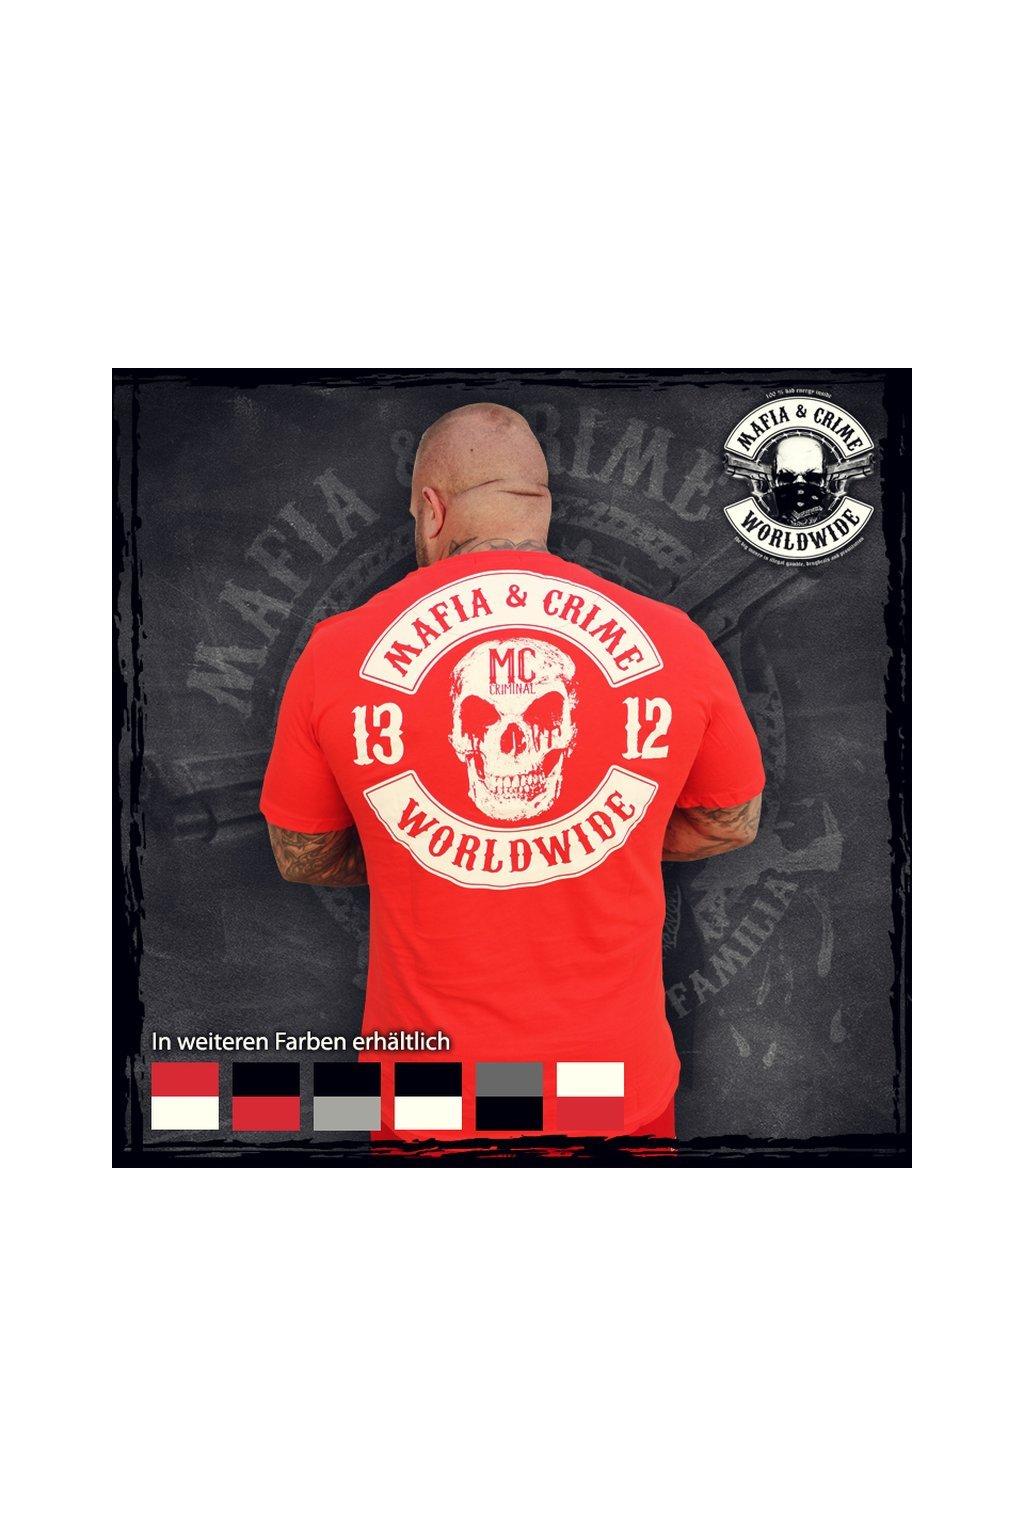 Mafia & Crime pánské triko MC 1312 červená obr1